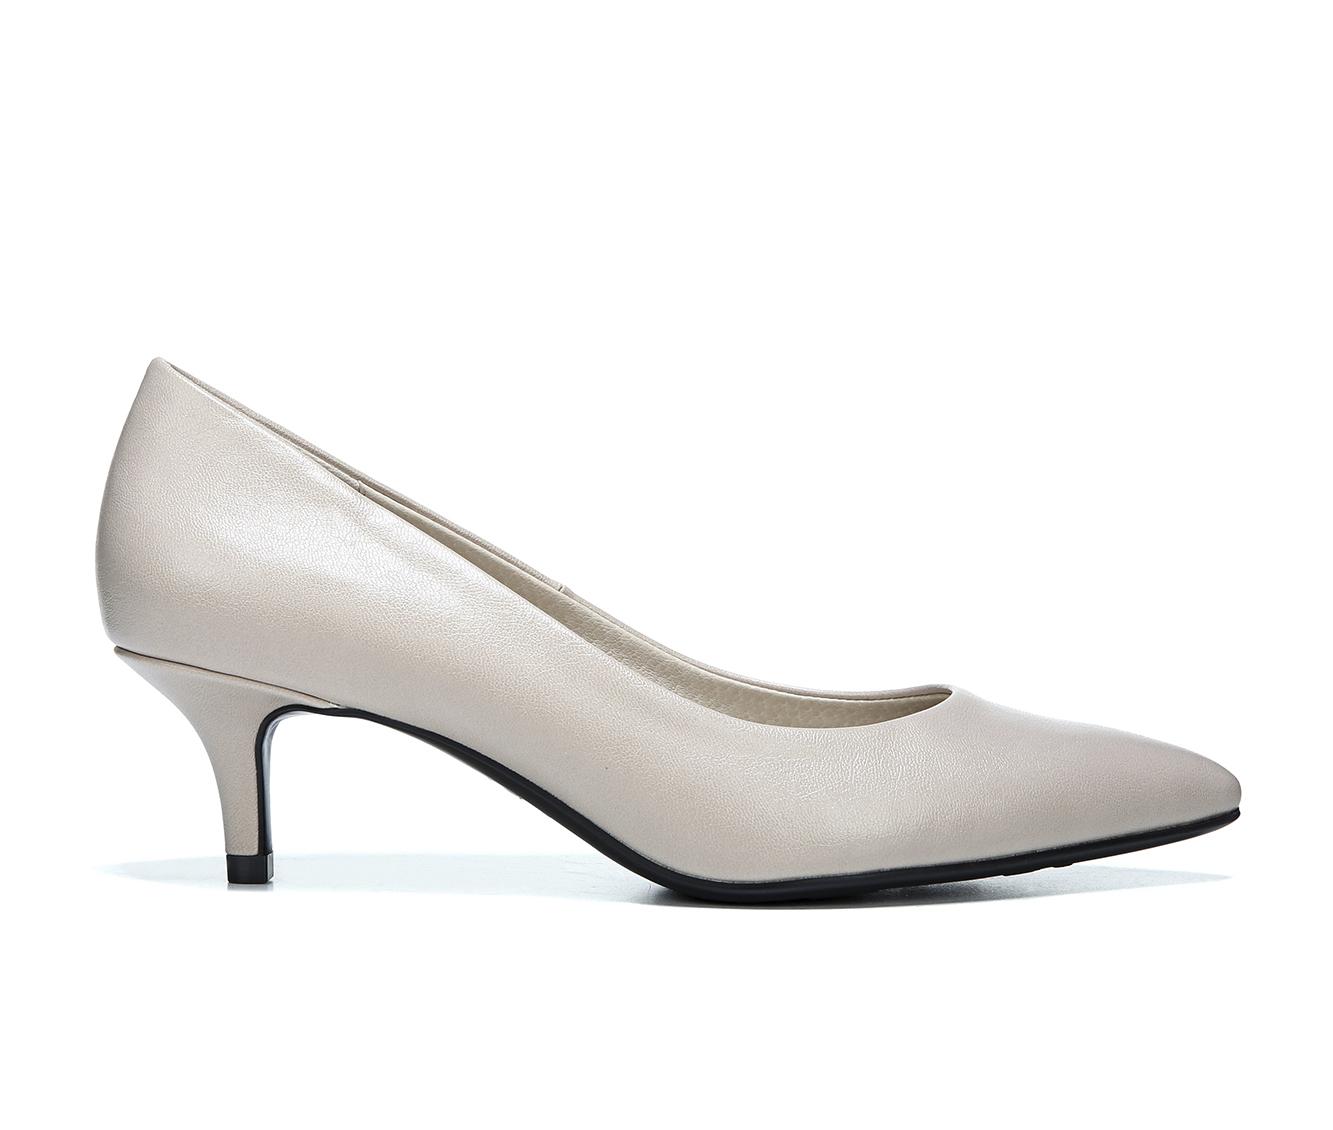 LifeStride Pretty Women's Dress Shoe (Beige Faux Leather)